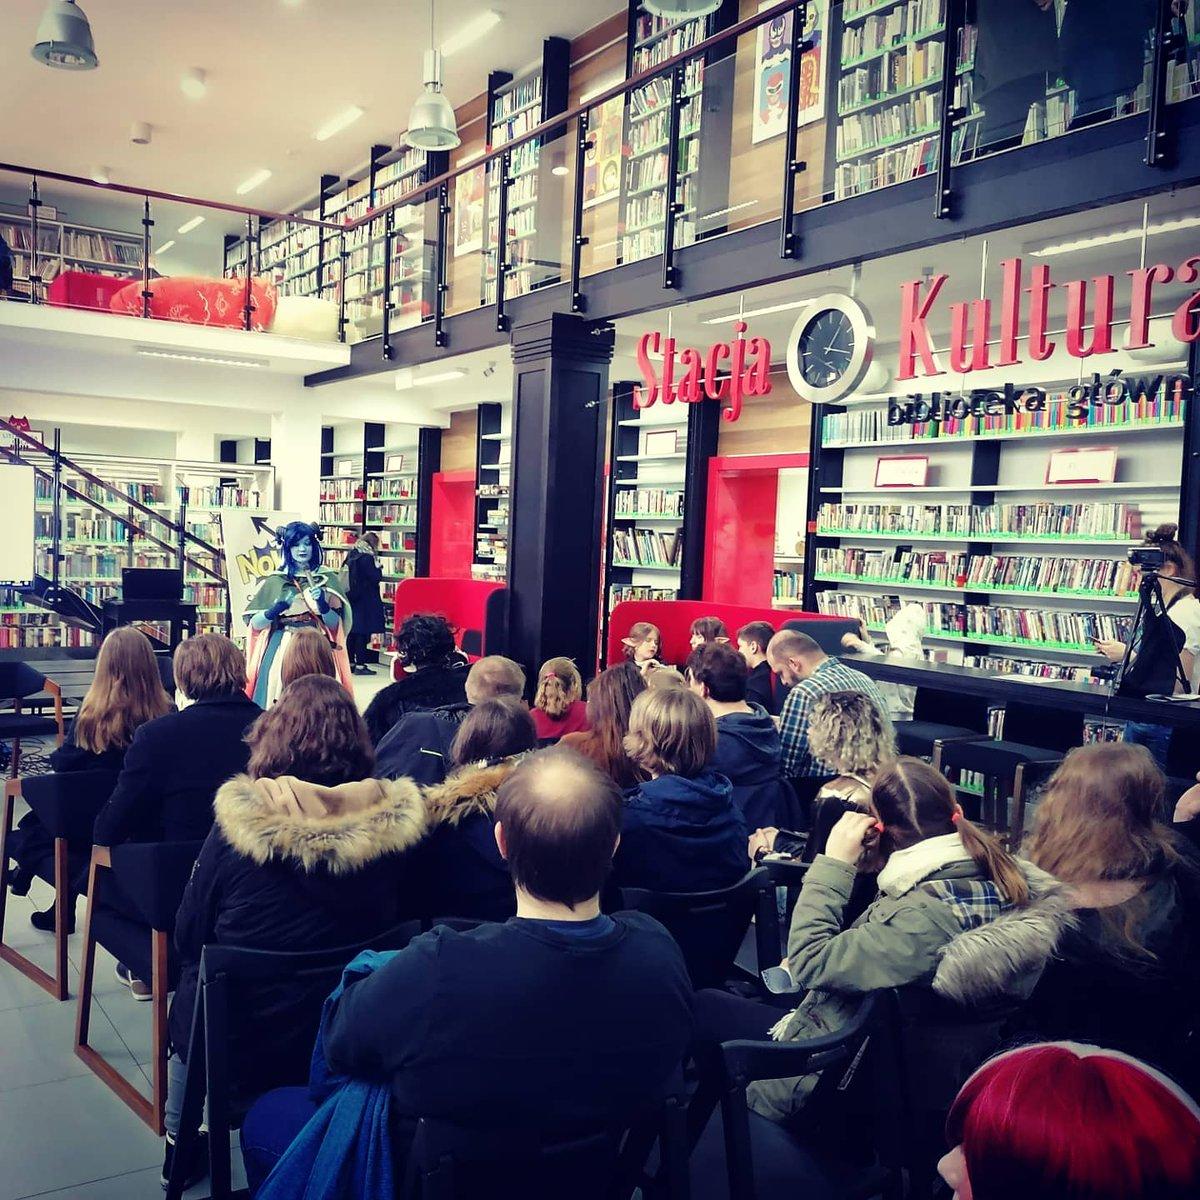 #RumiaComicCon! Były spotkania z twórcami  i prelekcje, #rysograf.y, #komiksy, #grybezpradu (#hexmine, #heroclix), #warsztaty, #retrogry (i stare #komputery!)... Byliście?  #RafałSzłapa #JacekMasłowski #risograph #stacjakultura #rumia #tabletopgame #graplanszowa #nerdzeniepic.twitter.com/MDjrOYvO3L